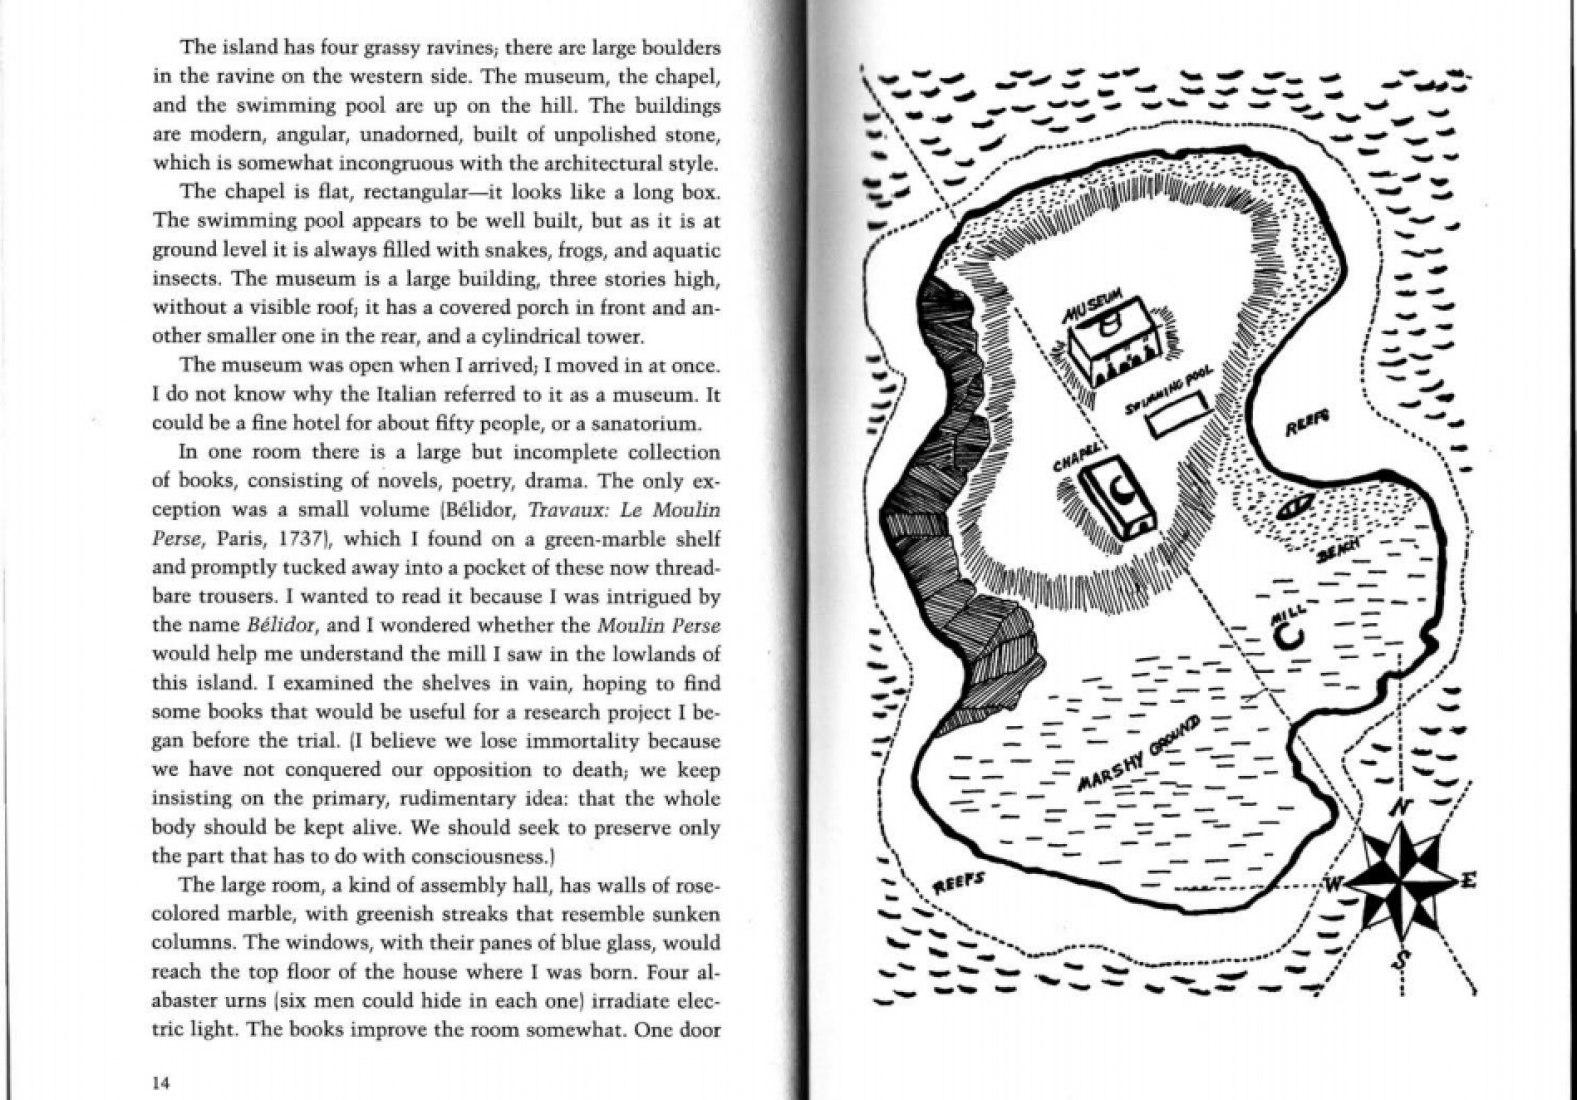 Página con ilustración de la traducción inglesa. Ed. NYRB Classics.